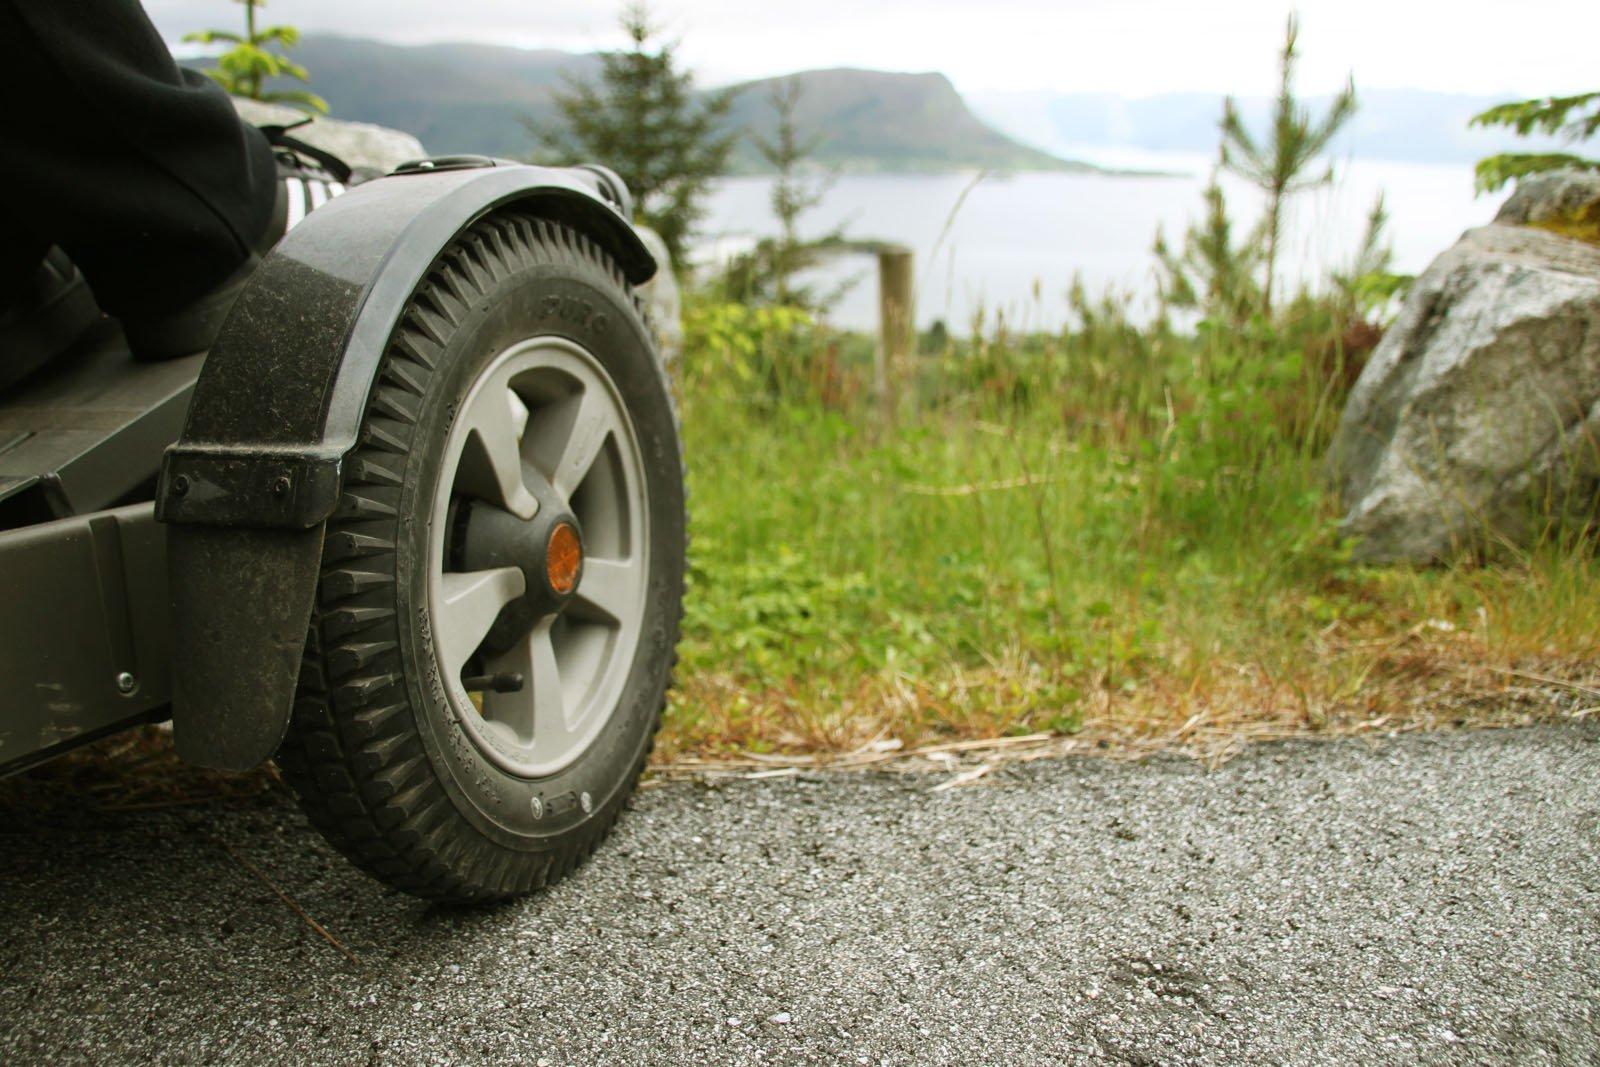 Bilde av hjulet til et assistansekjøretøy som står parkert på gress med utsikt over sjøen.